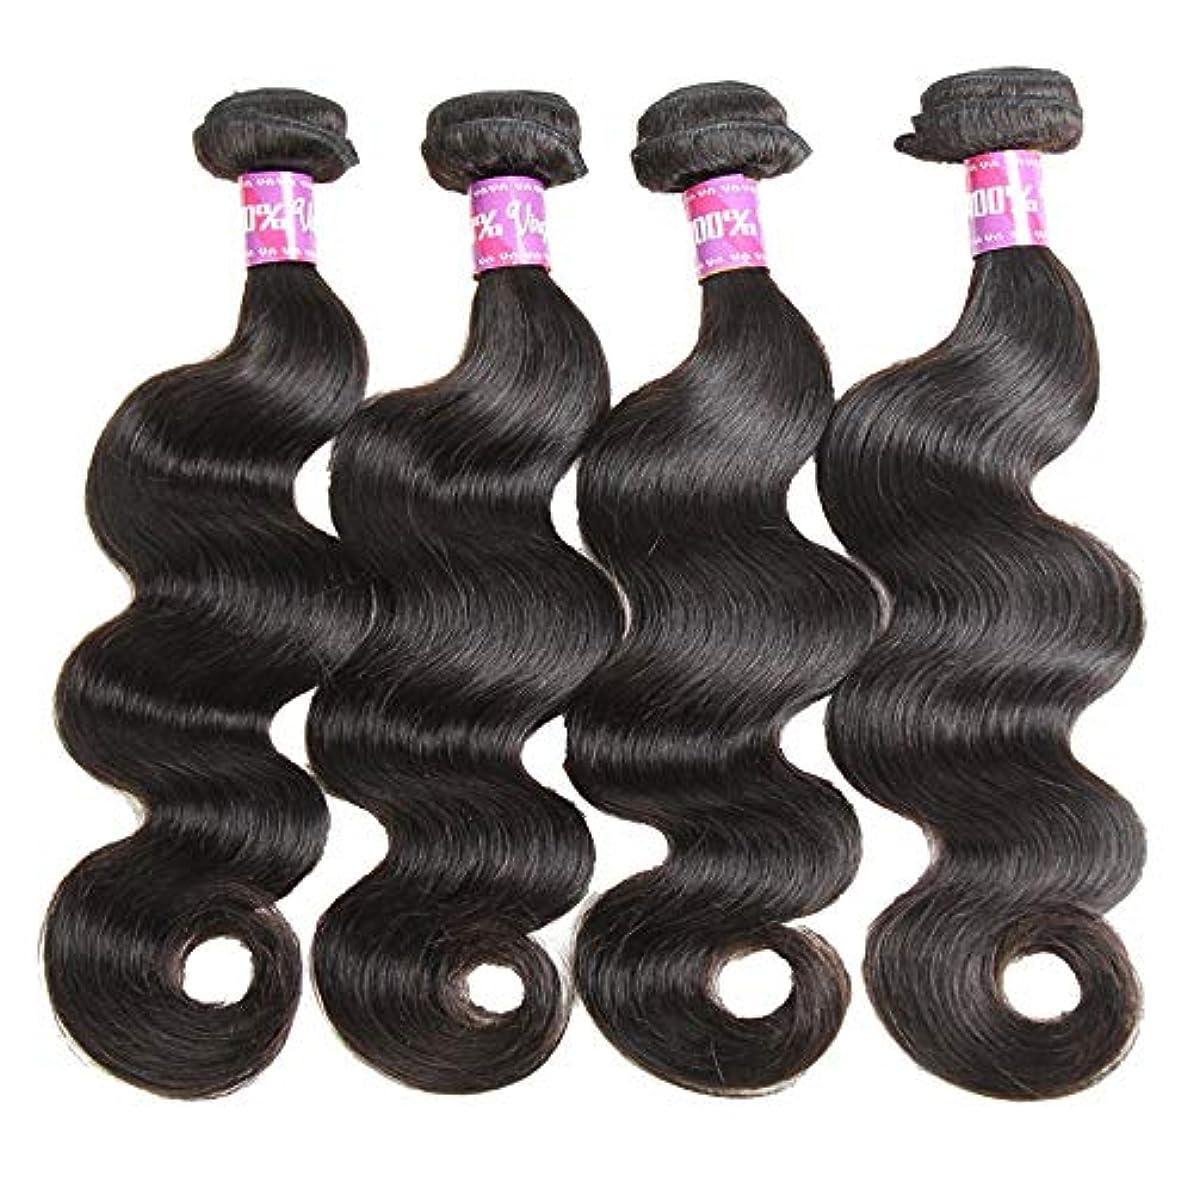 むき出しきょうだい不健康SRY-Wigファッション ヨーロッパとアメリカ黒人女性のための人間の髪の毛のかつら自然色 (Color : ブラック, Size : 24inch)